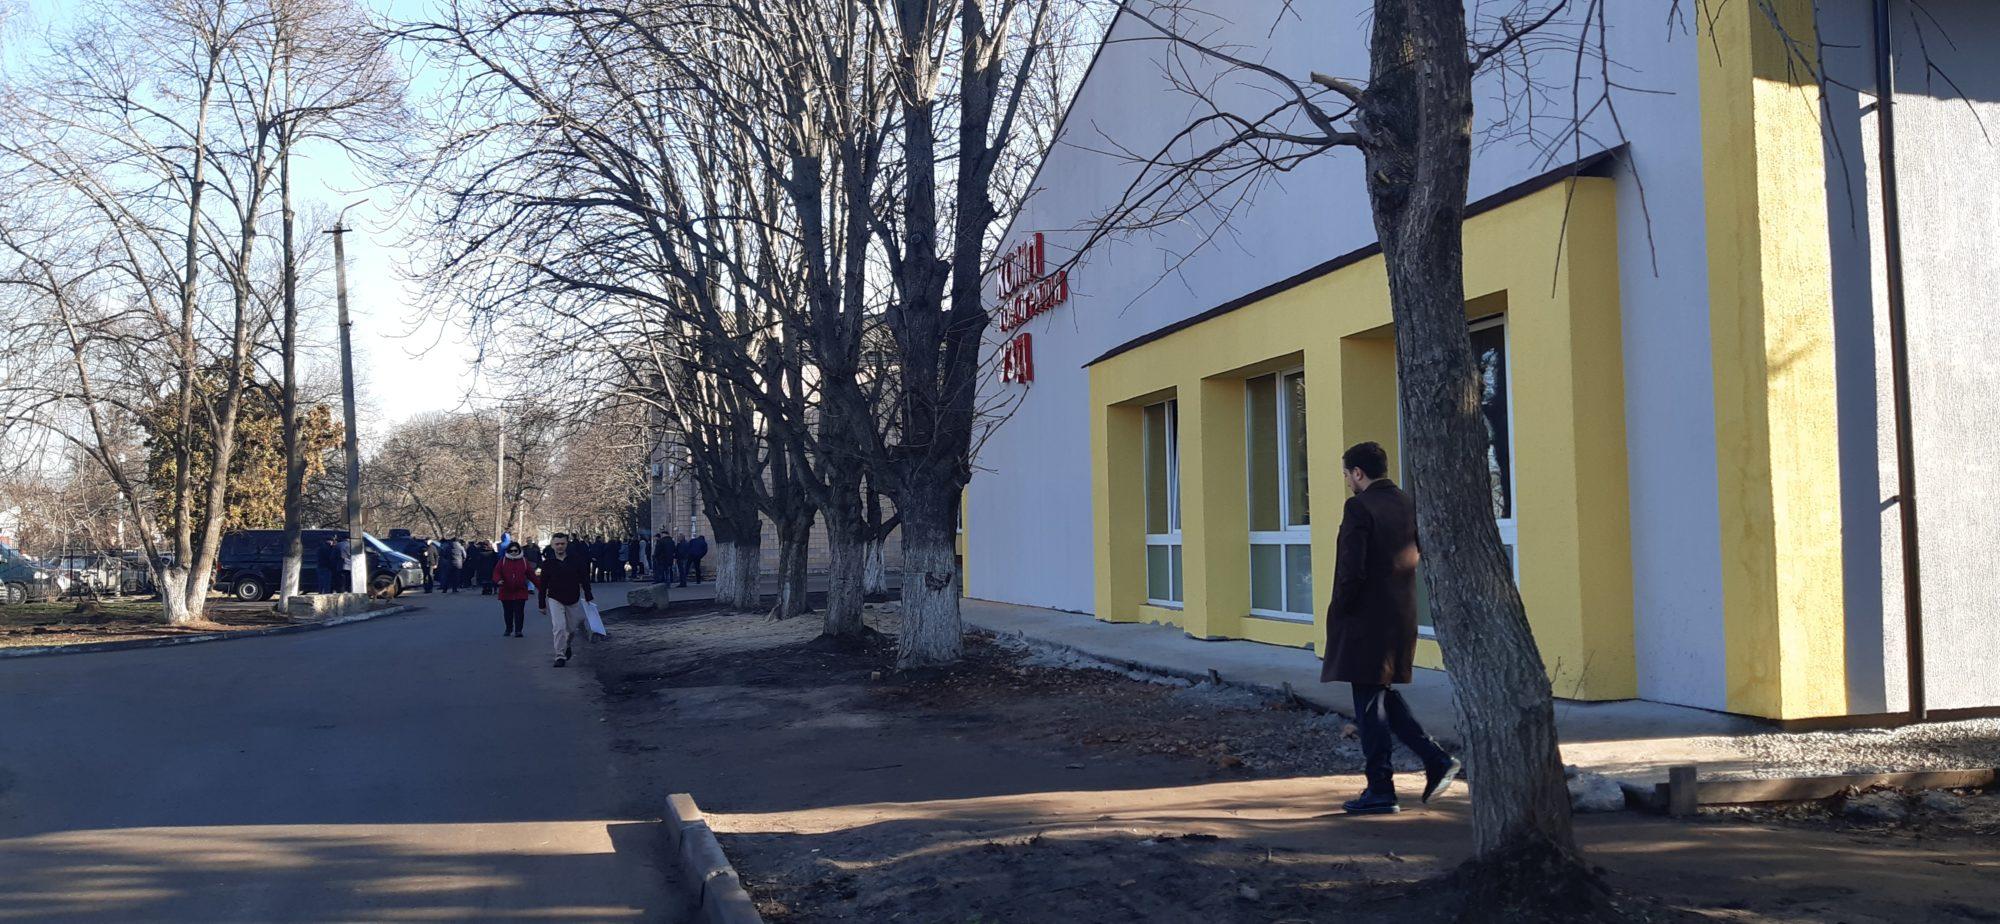 20200219_102154-2000x924 Чому президент Зеленський приїжджав в Бориспіль